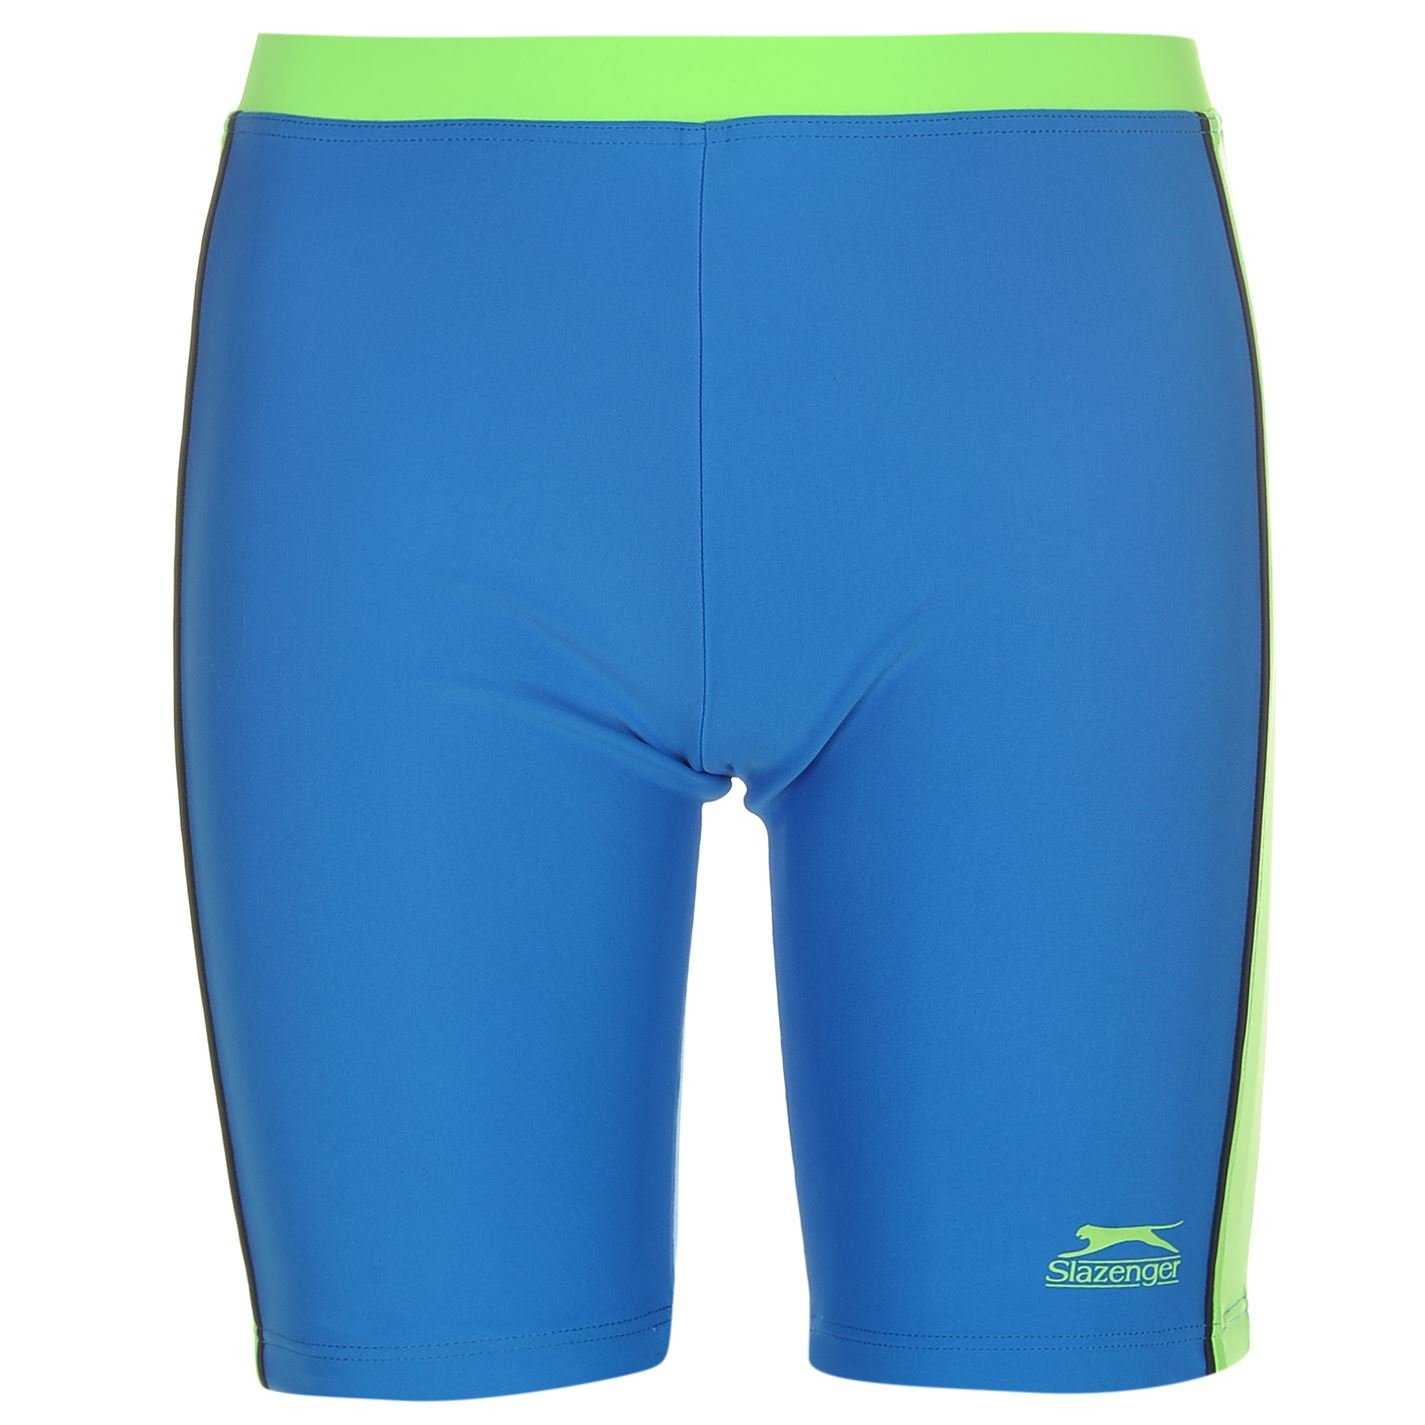 Slazenger Kids Swimming Jammers Junior Boys Long Shorts Elasticated Waist:  Amazon.co.uk: Clothing